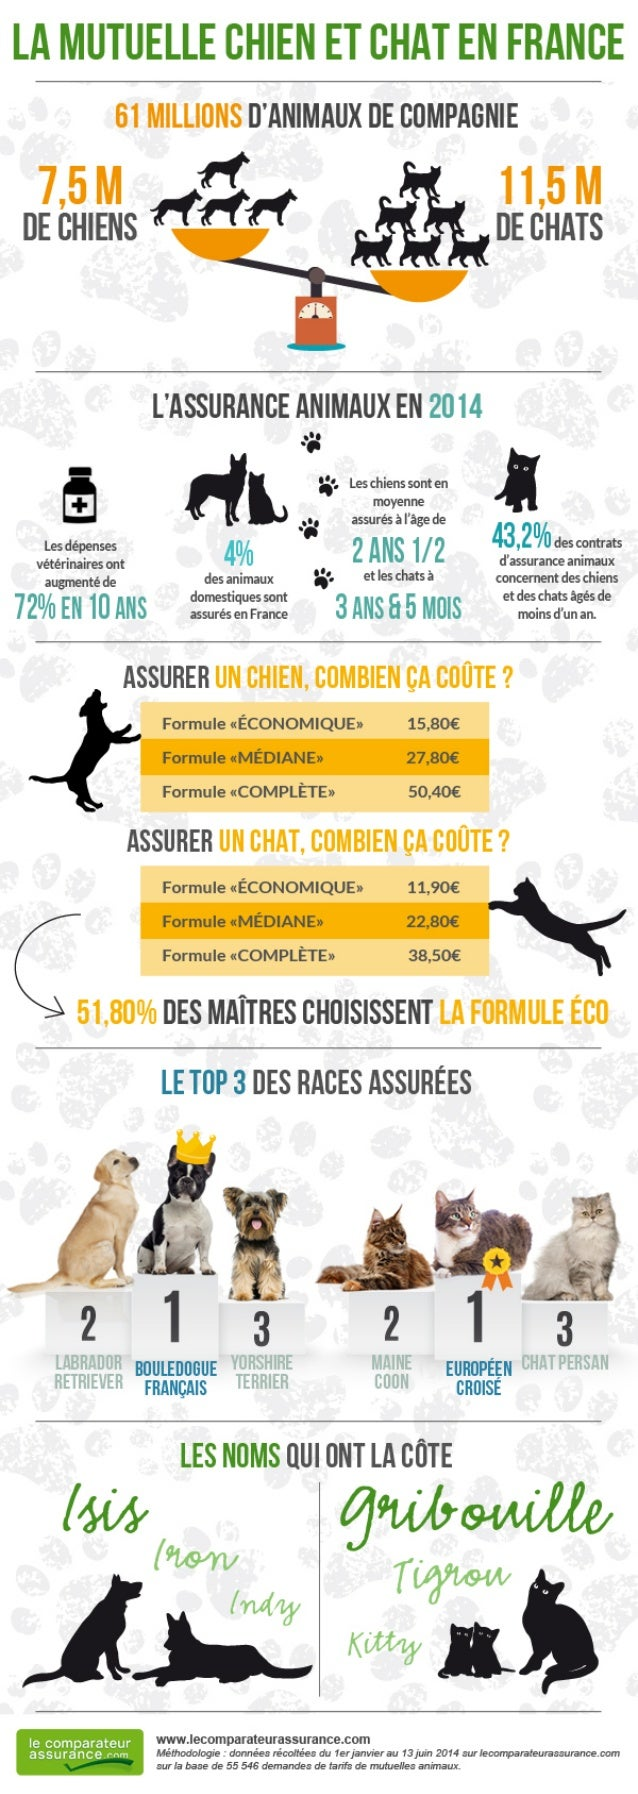 La mutuelle chien et chat en France